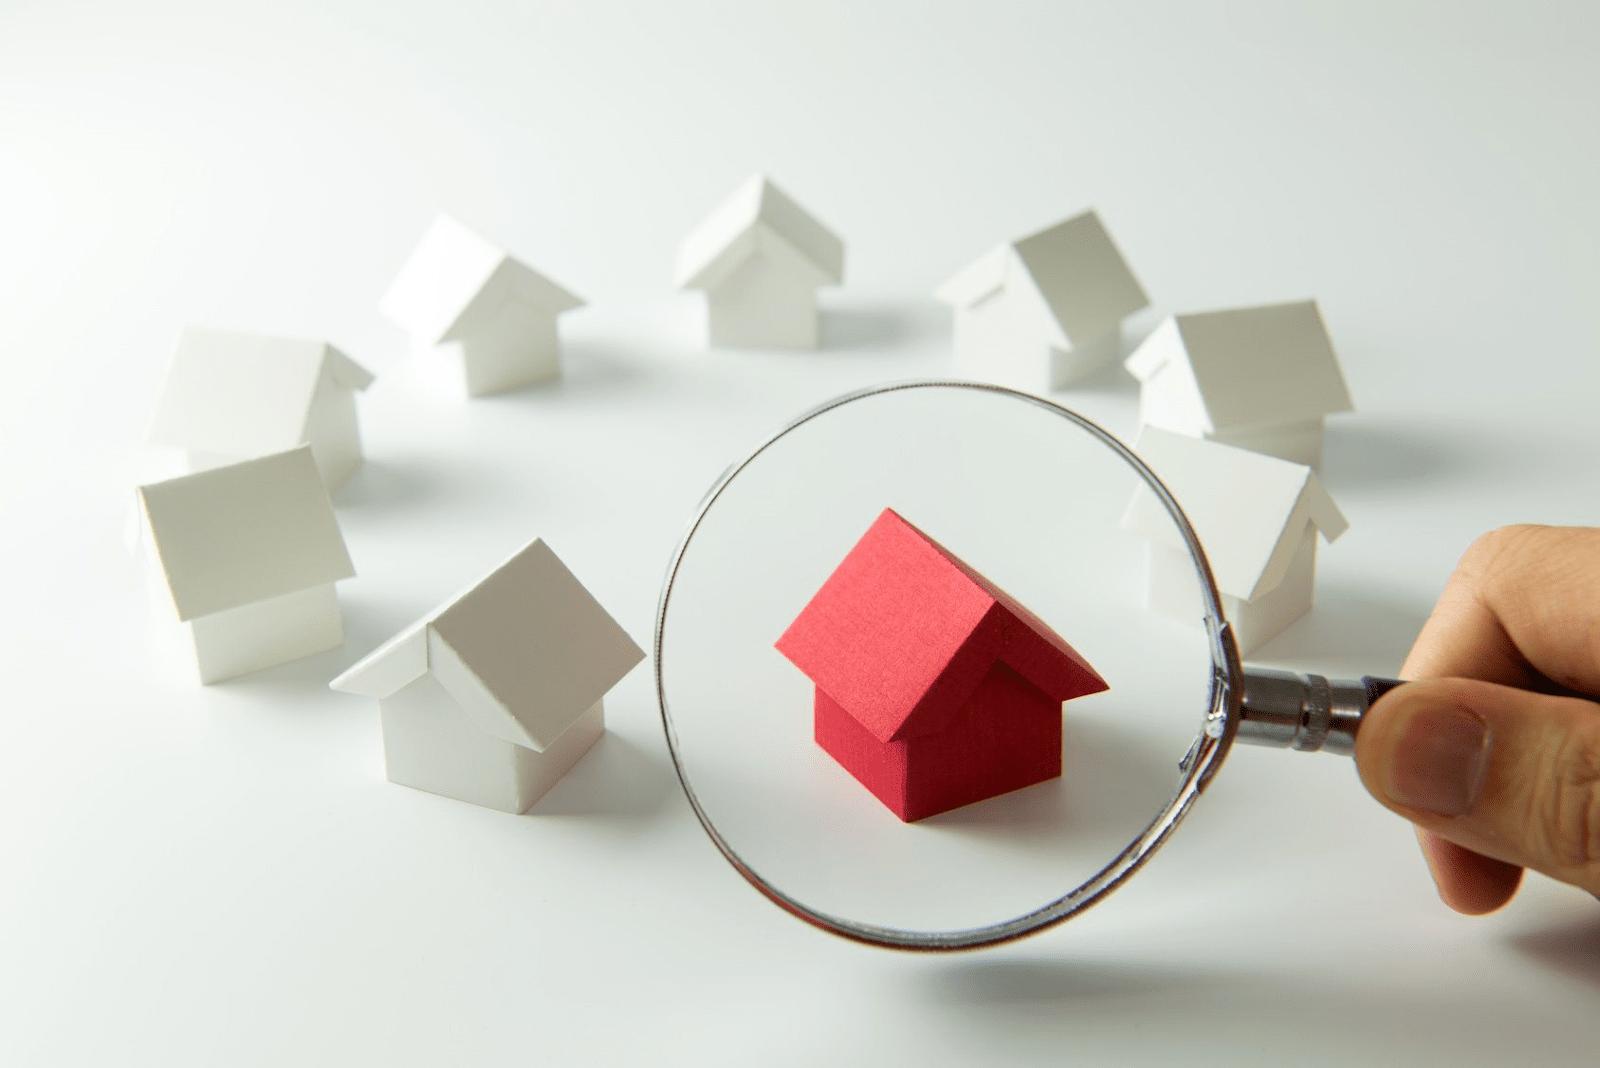 Comment accéder gratuitement aux transactions immobilières ?